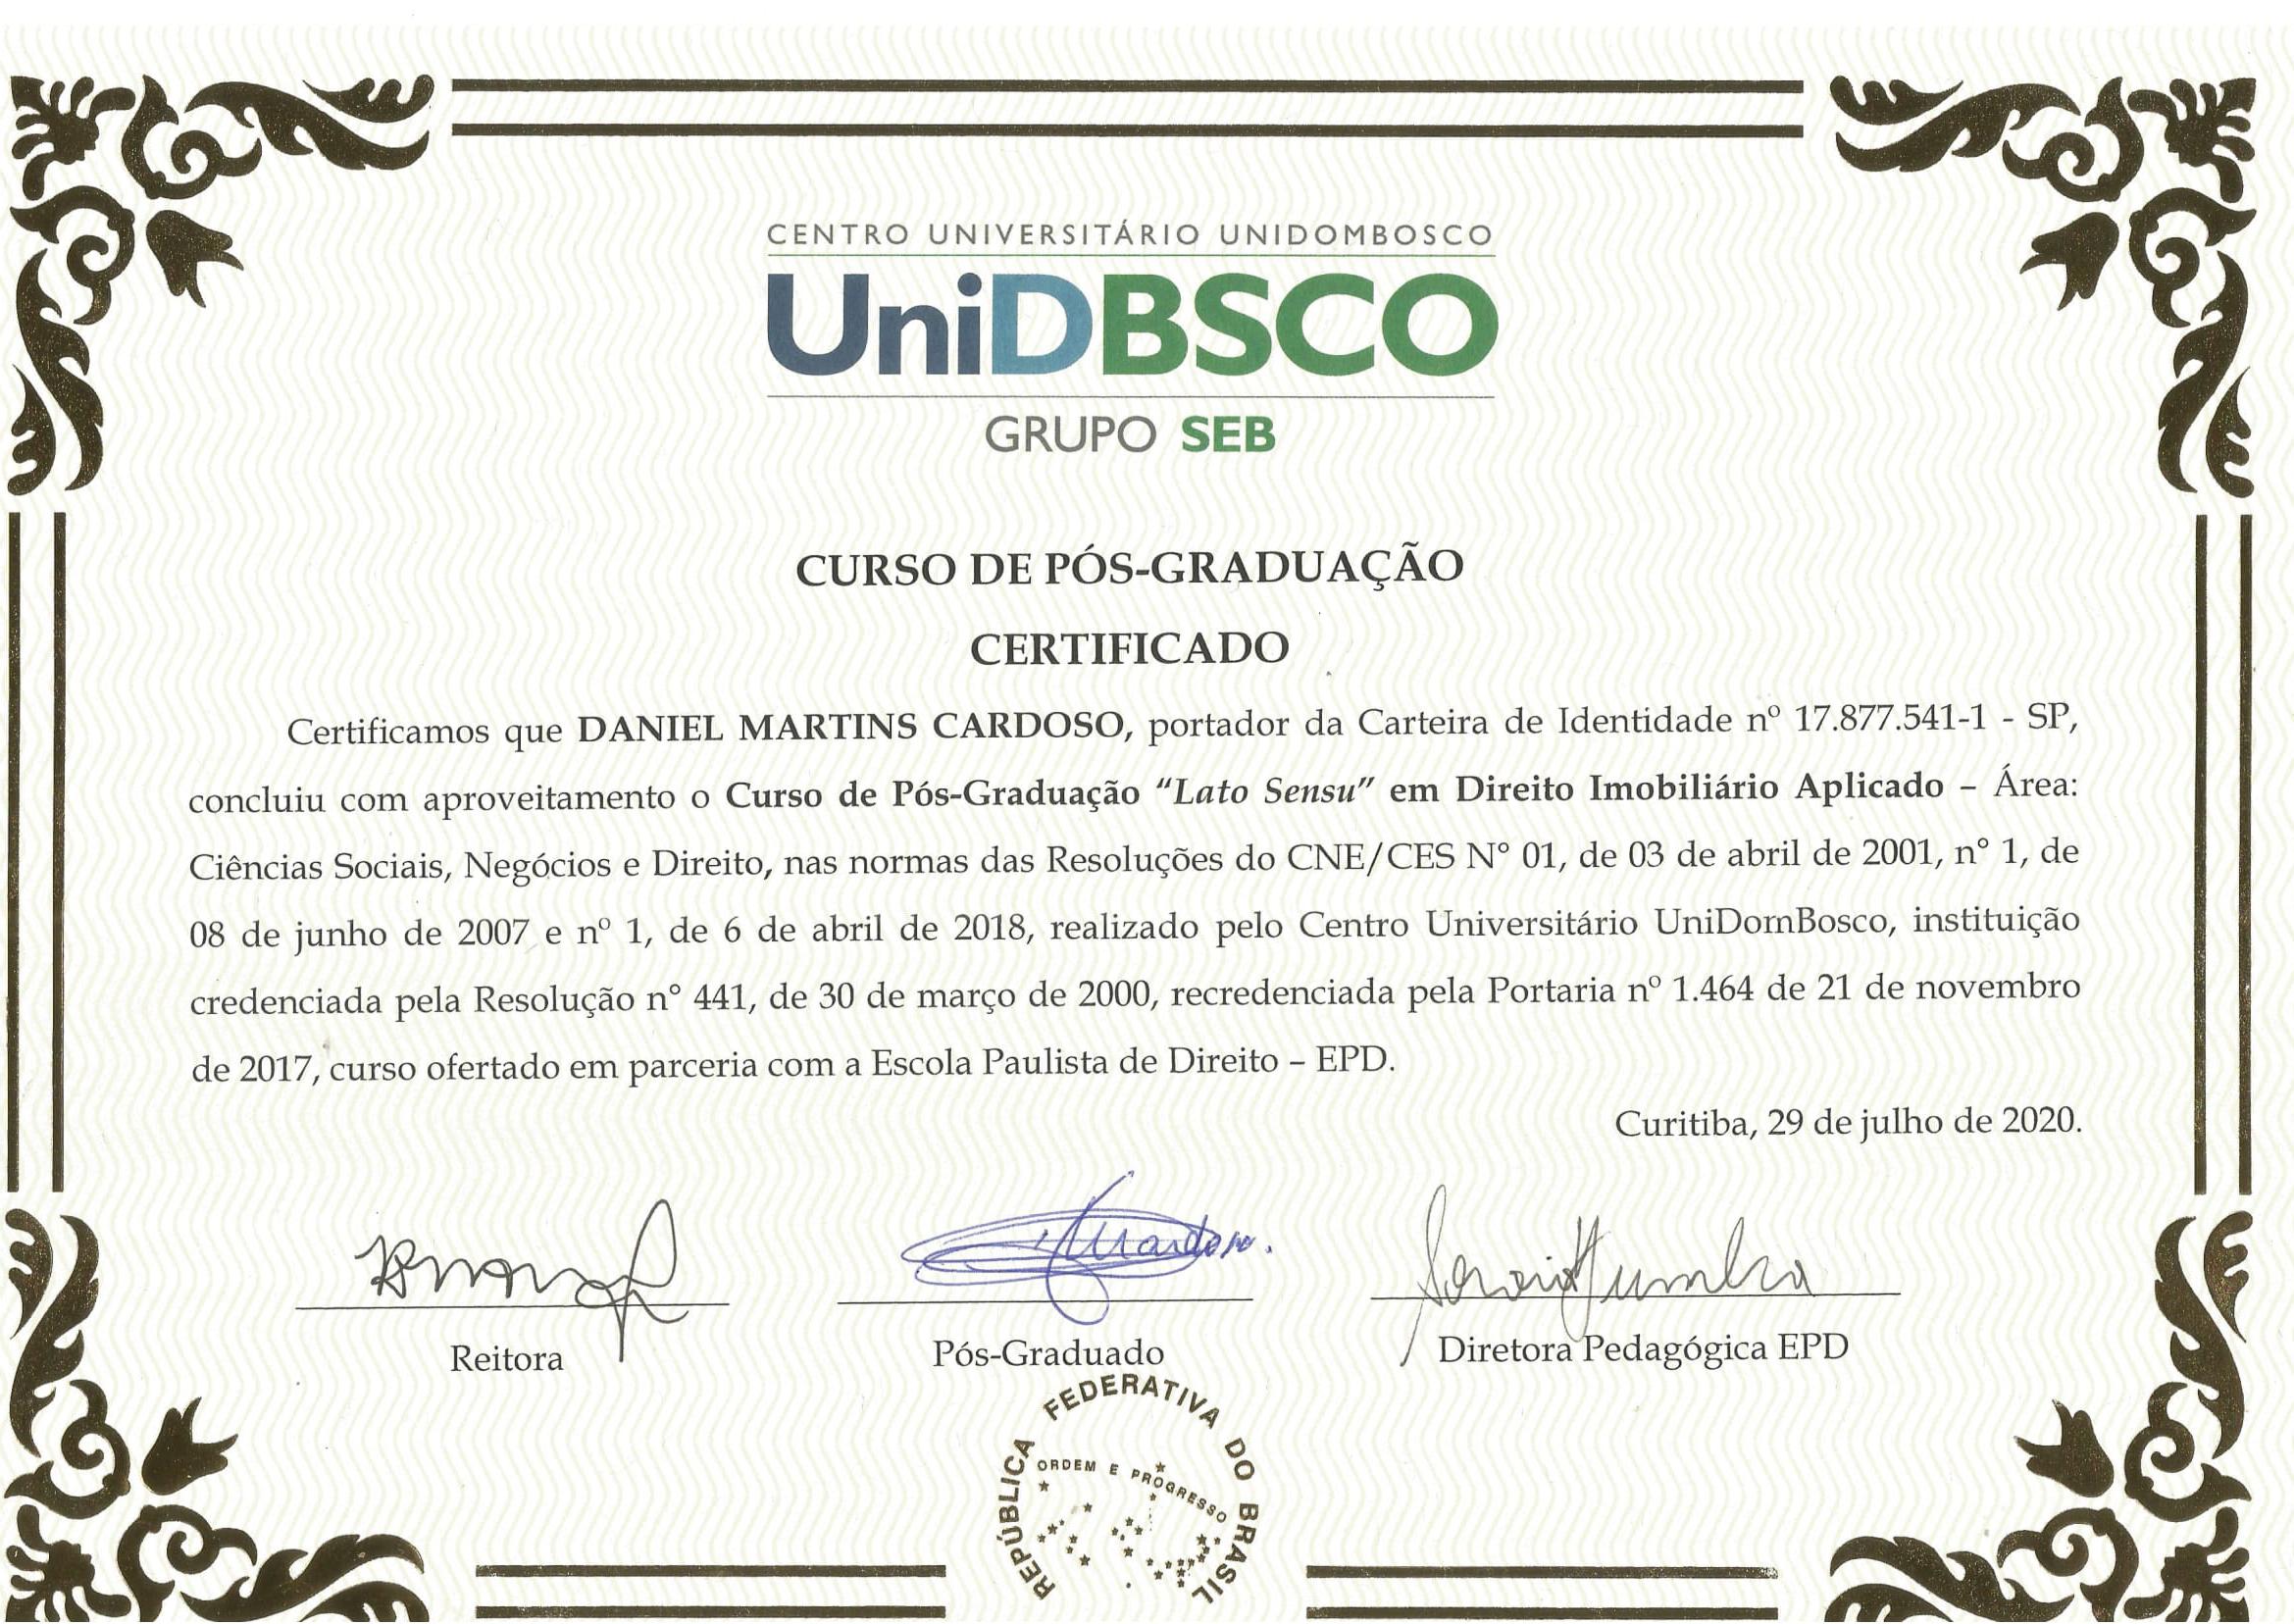 Certificado Pós-graduação - EPD